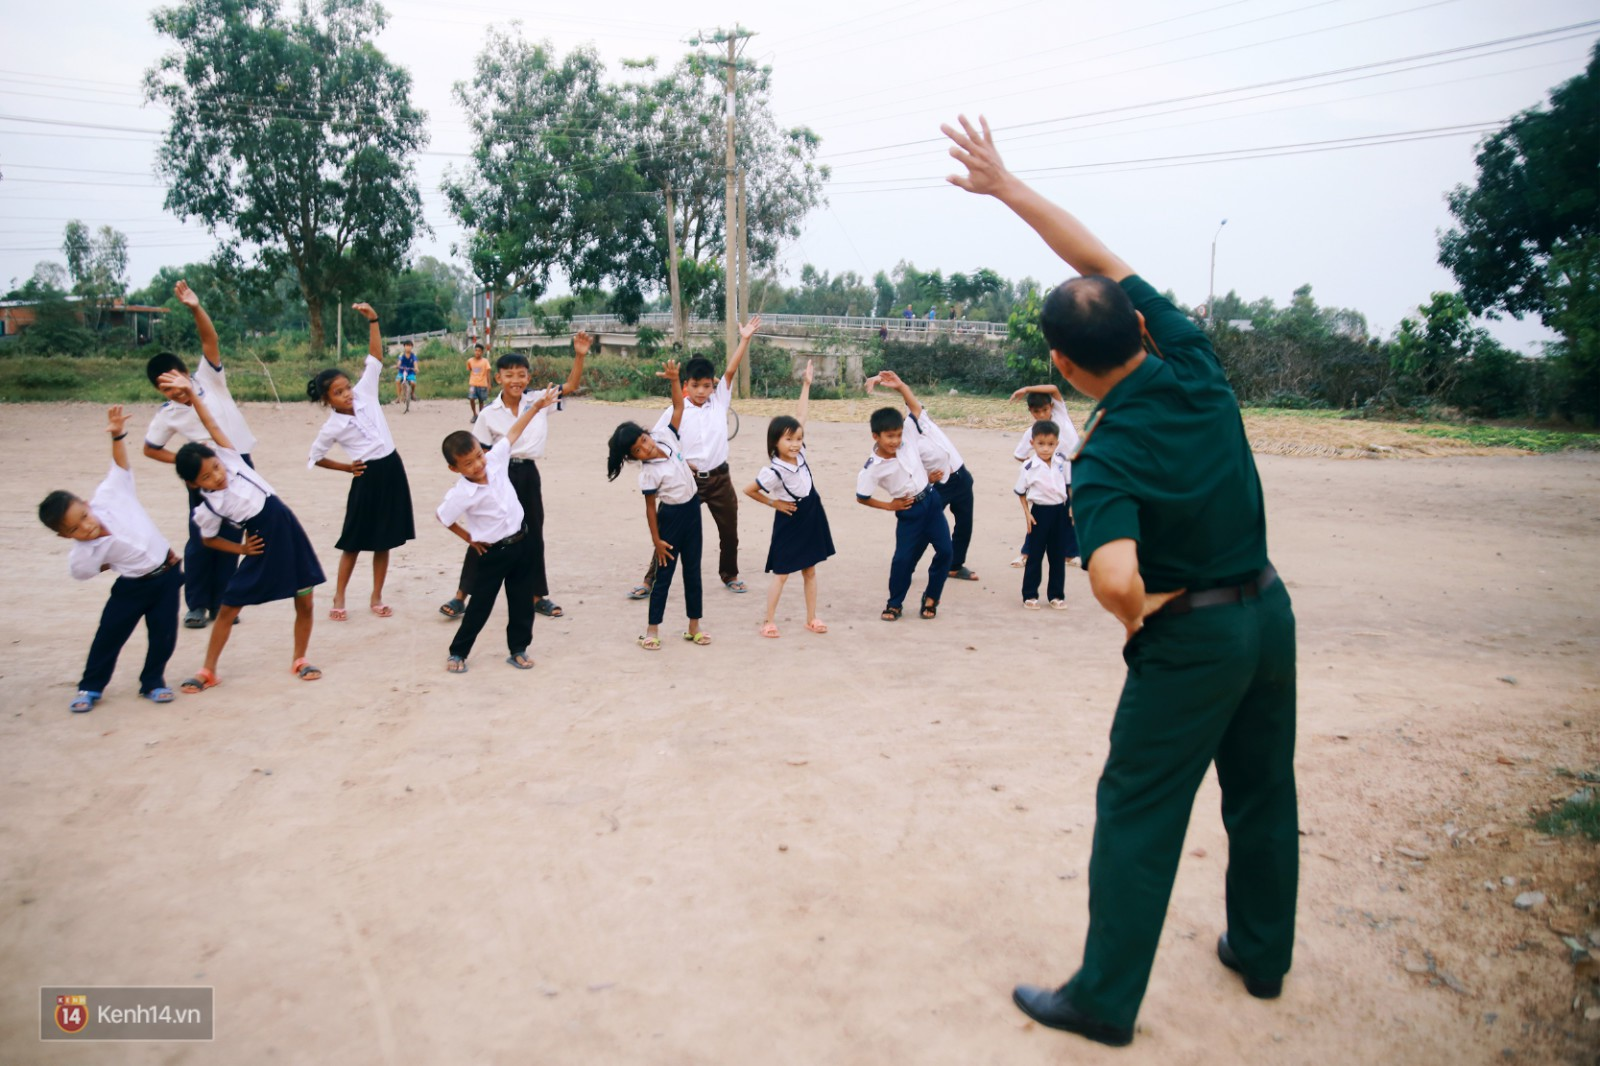 Những thầy giáo quân hàm xanh ở Vành đai biên giới Việt - Cam: Ngày tuần tra, đêm gieo chữ cho bọn trẻ không quốc tịch - Ảnh 11.